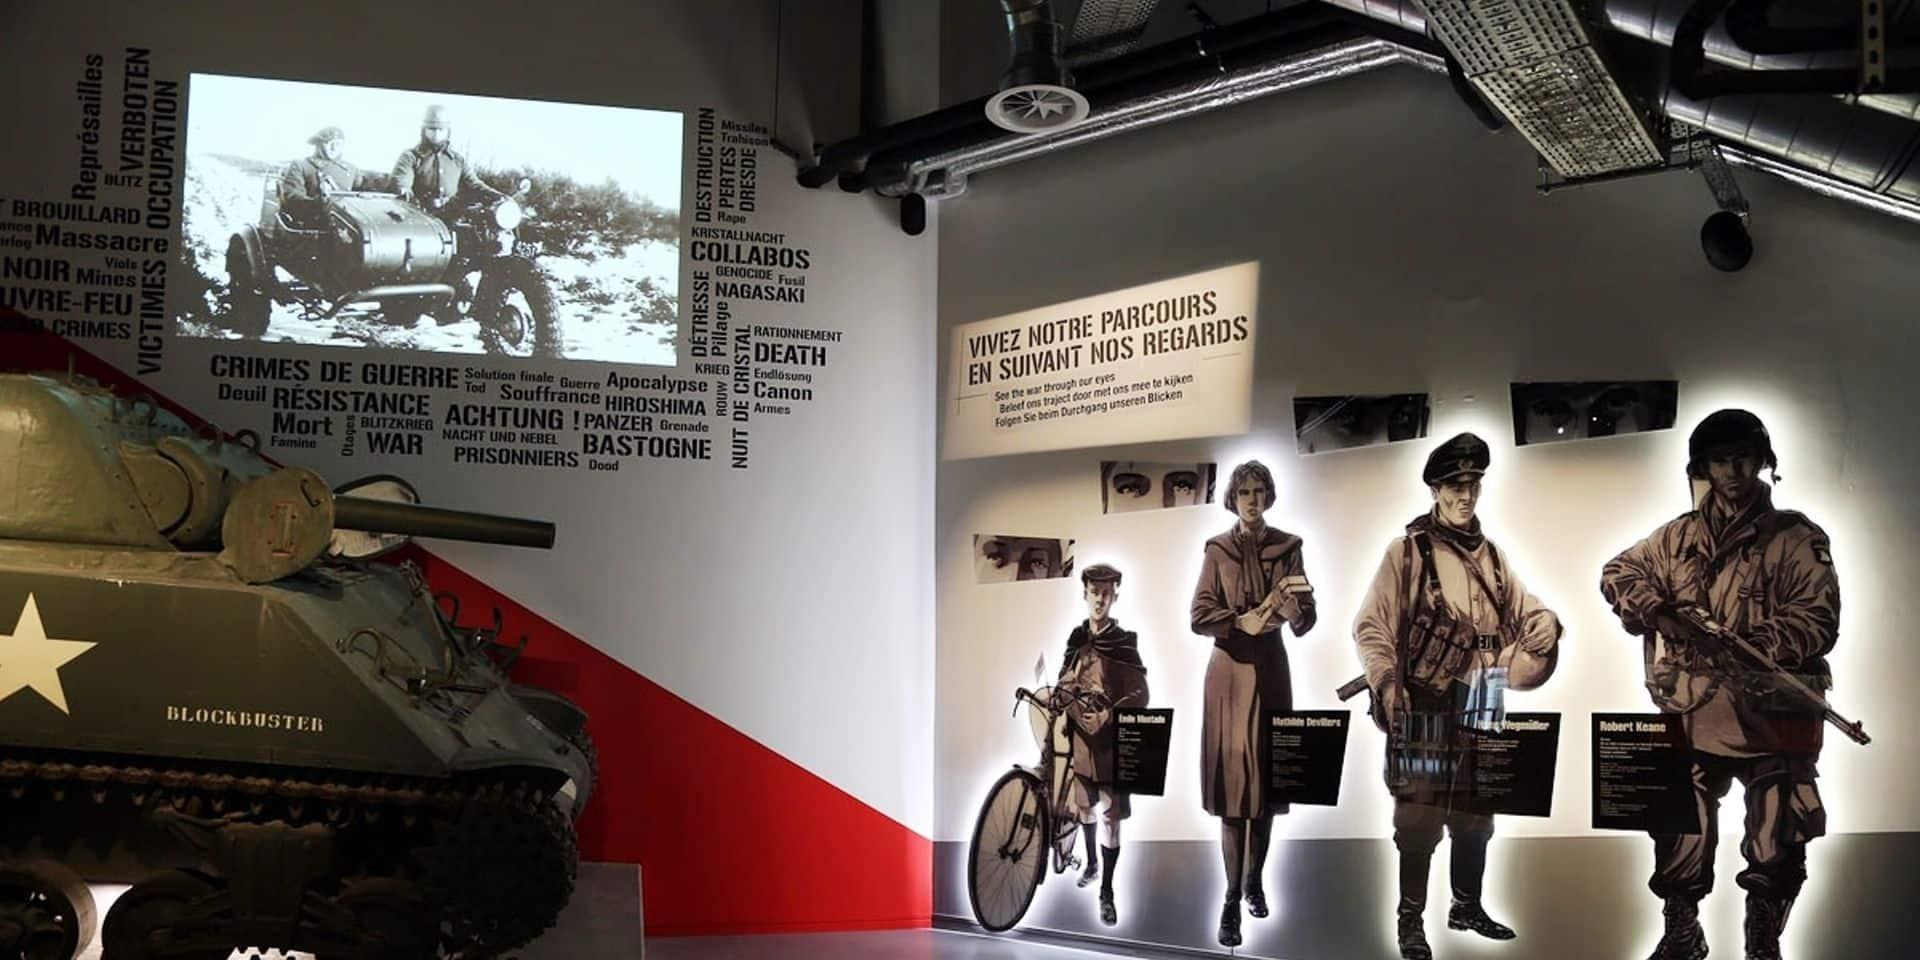 Covid-19 à Bastogne : fermeture des musées, du cinéma, du centre sportif...